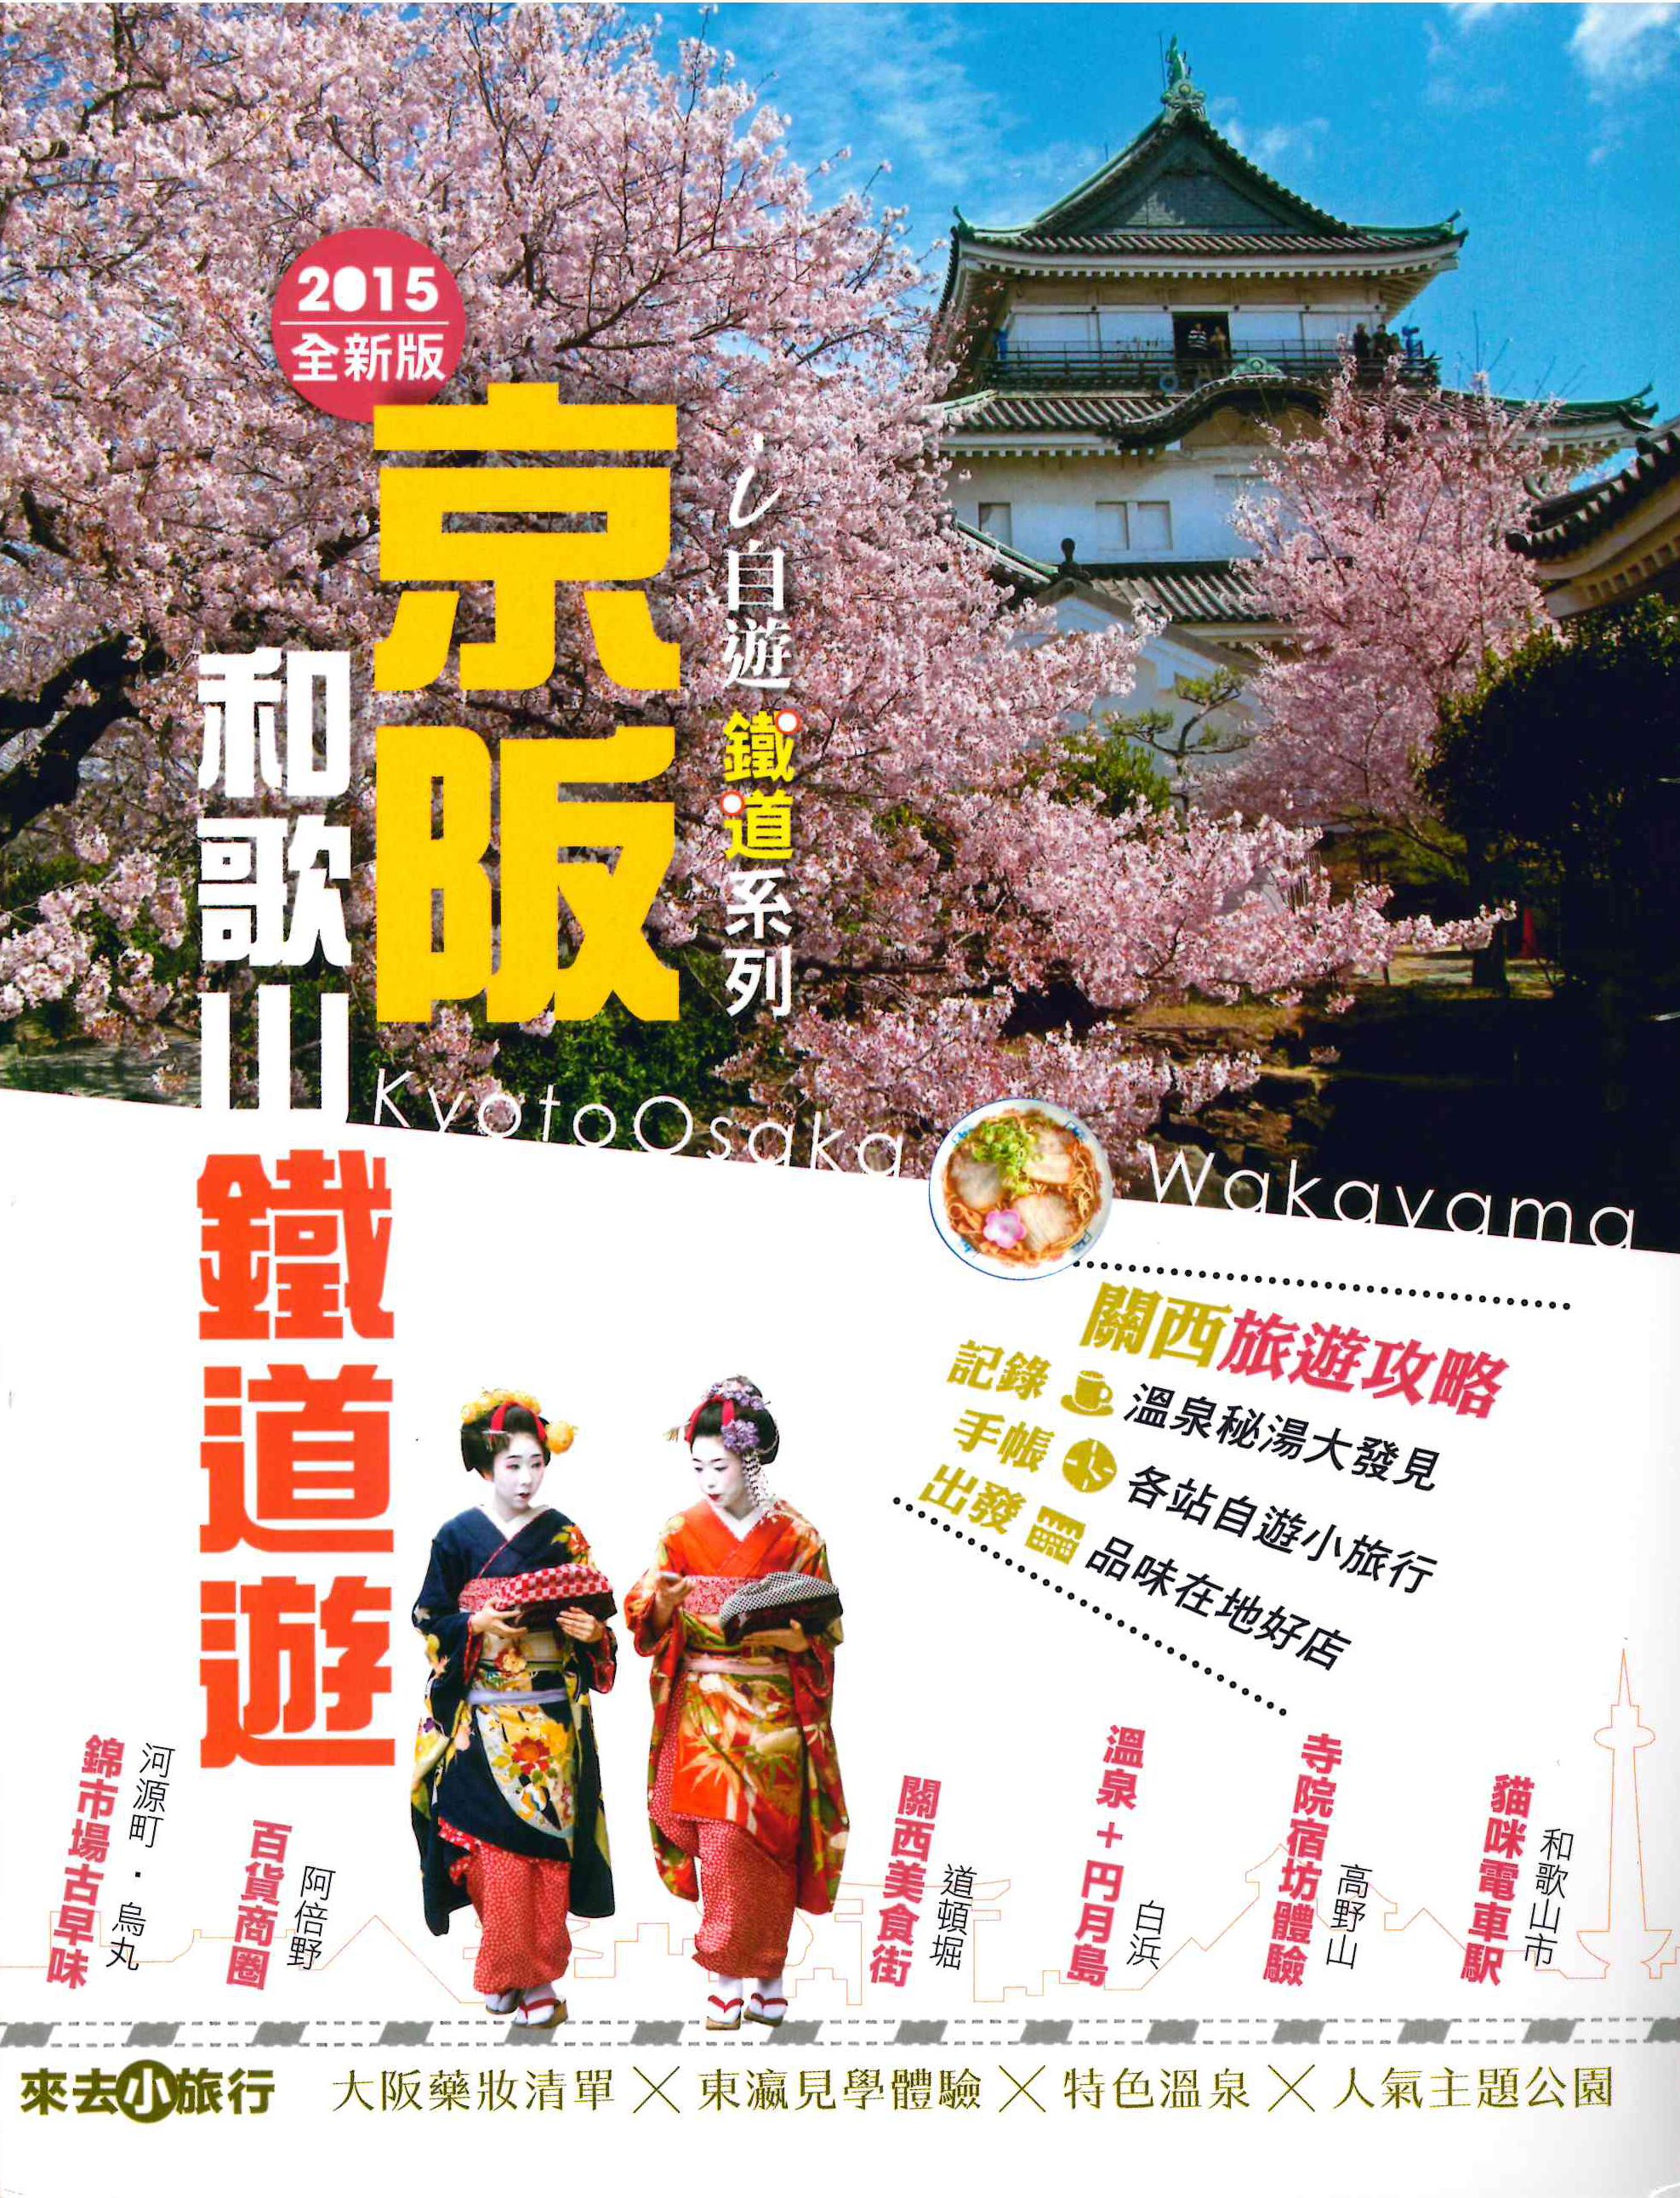 http://blog.yumeyakata.com/mass/doc17233720150528152304.jpg